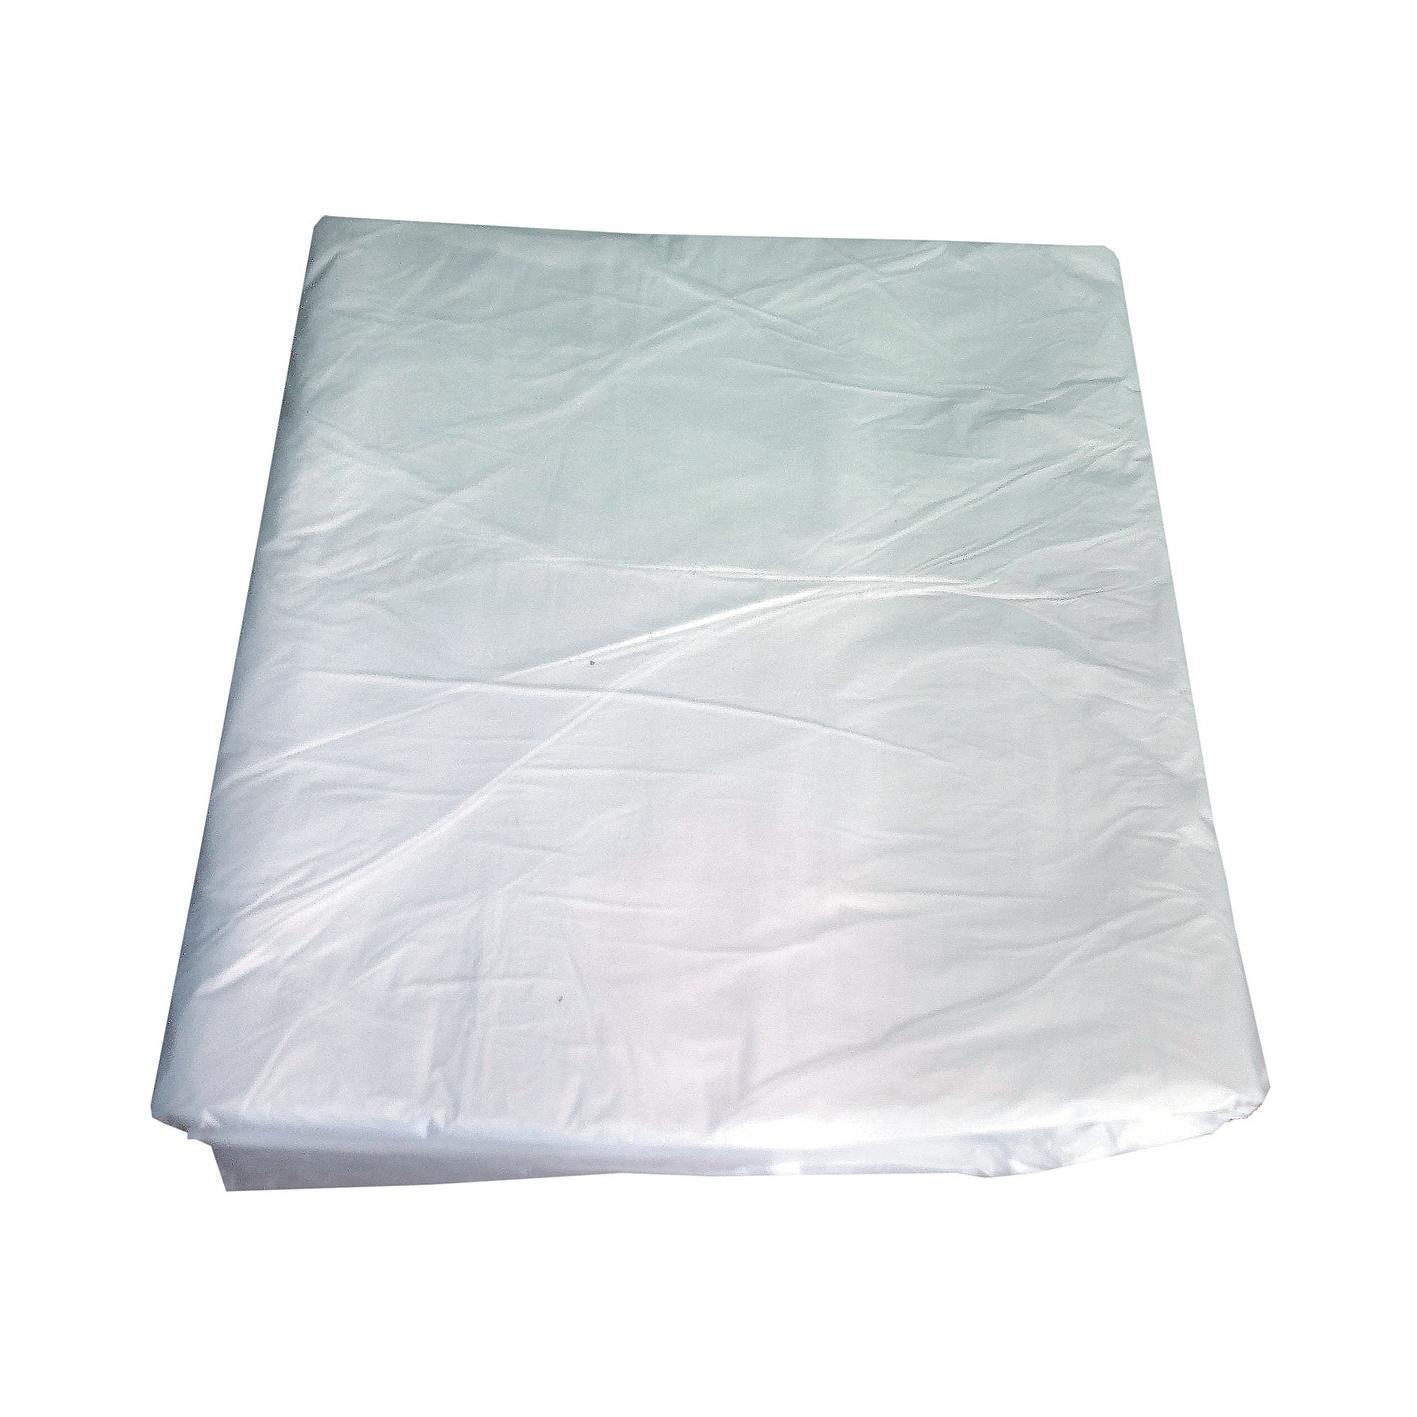 Telo protettivo RULO PLUMA 5 pezzi 5 X 4 m trasparente - 2